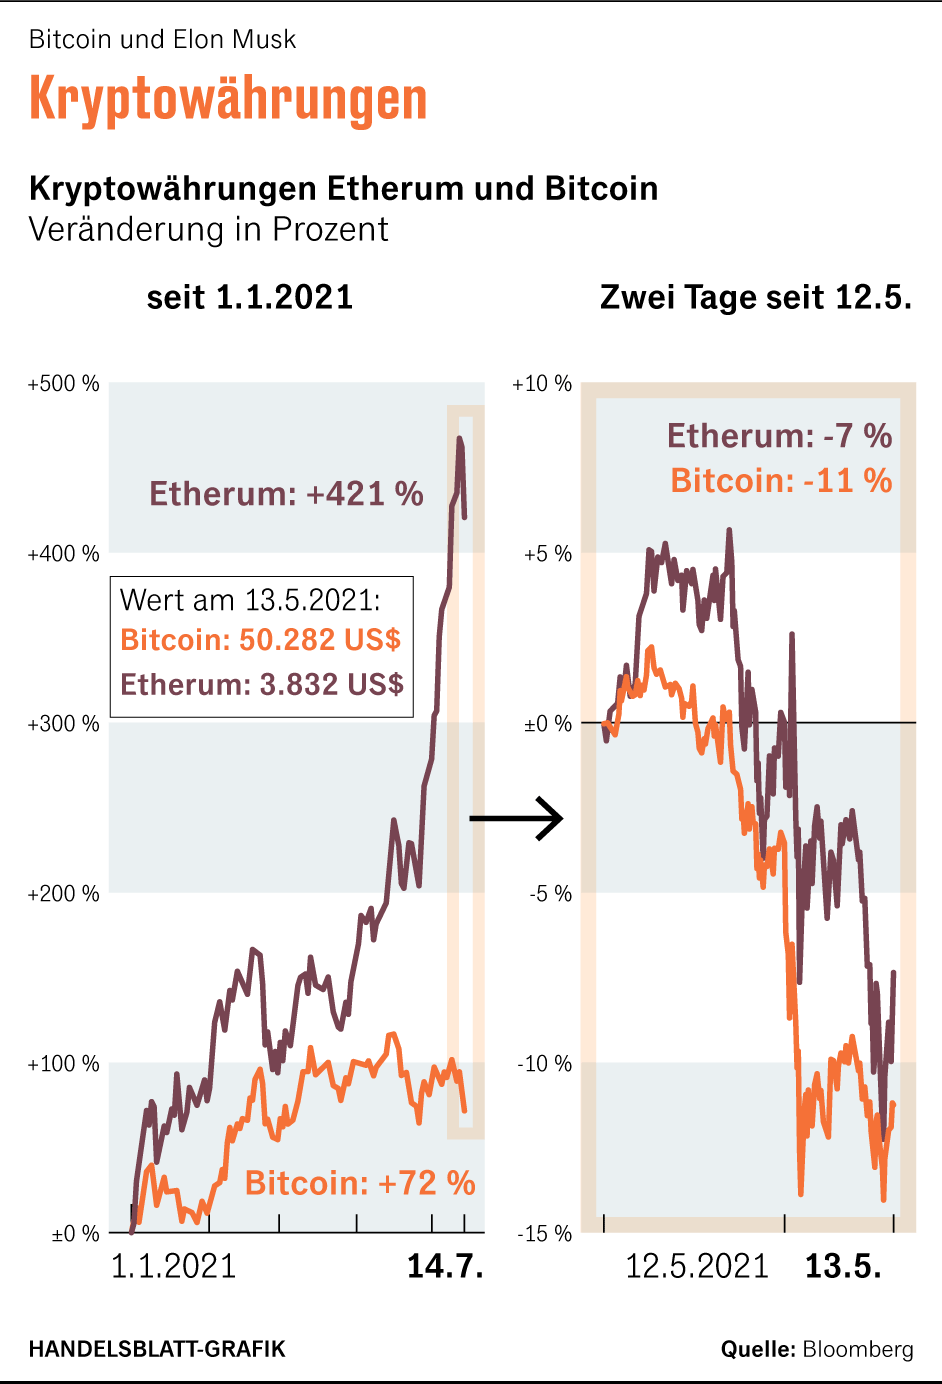 Welches Datum hat Tesla in Bitcoin investiert?